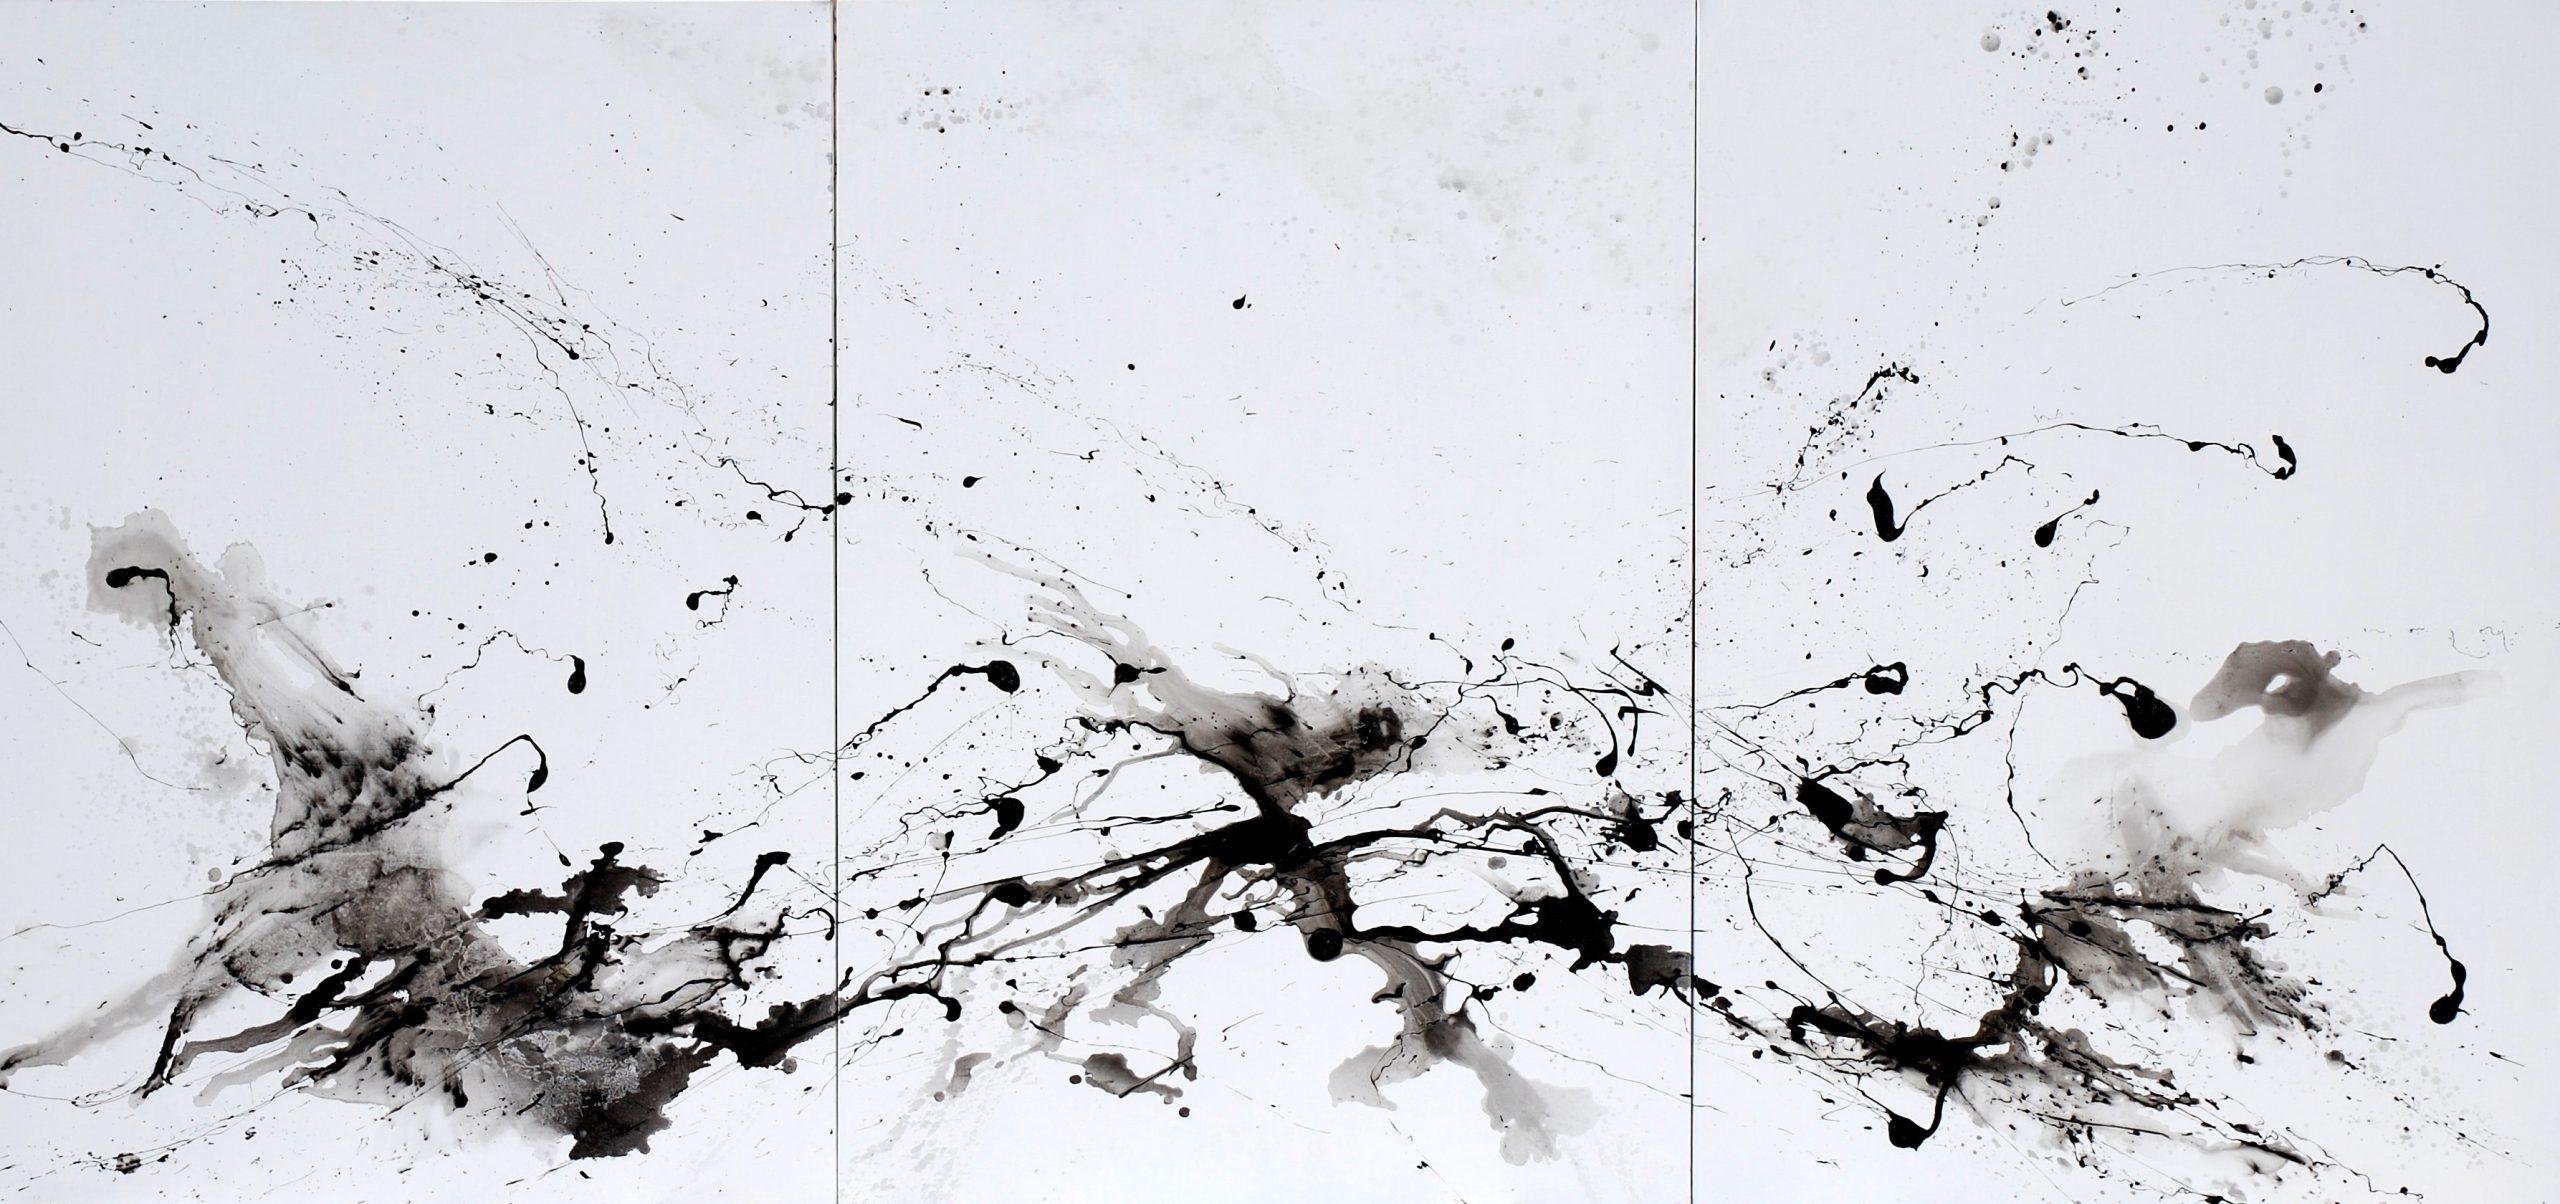 neiges noires triptyque huile sur toile 162 x 300 cm